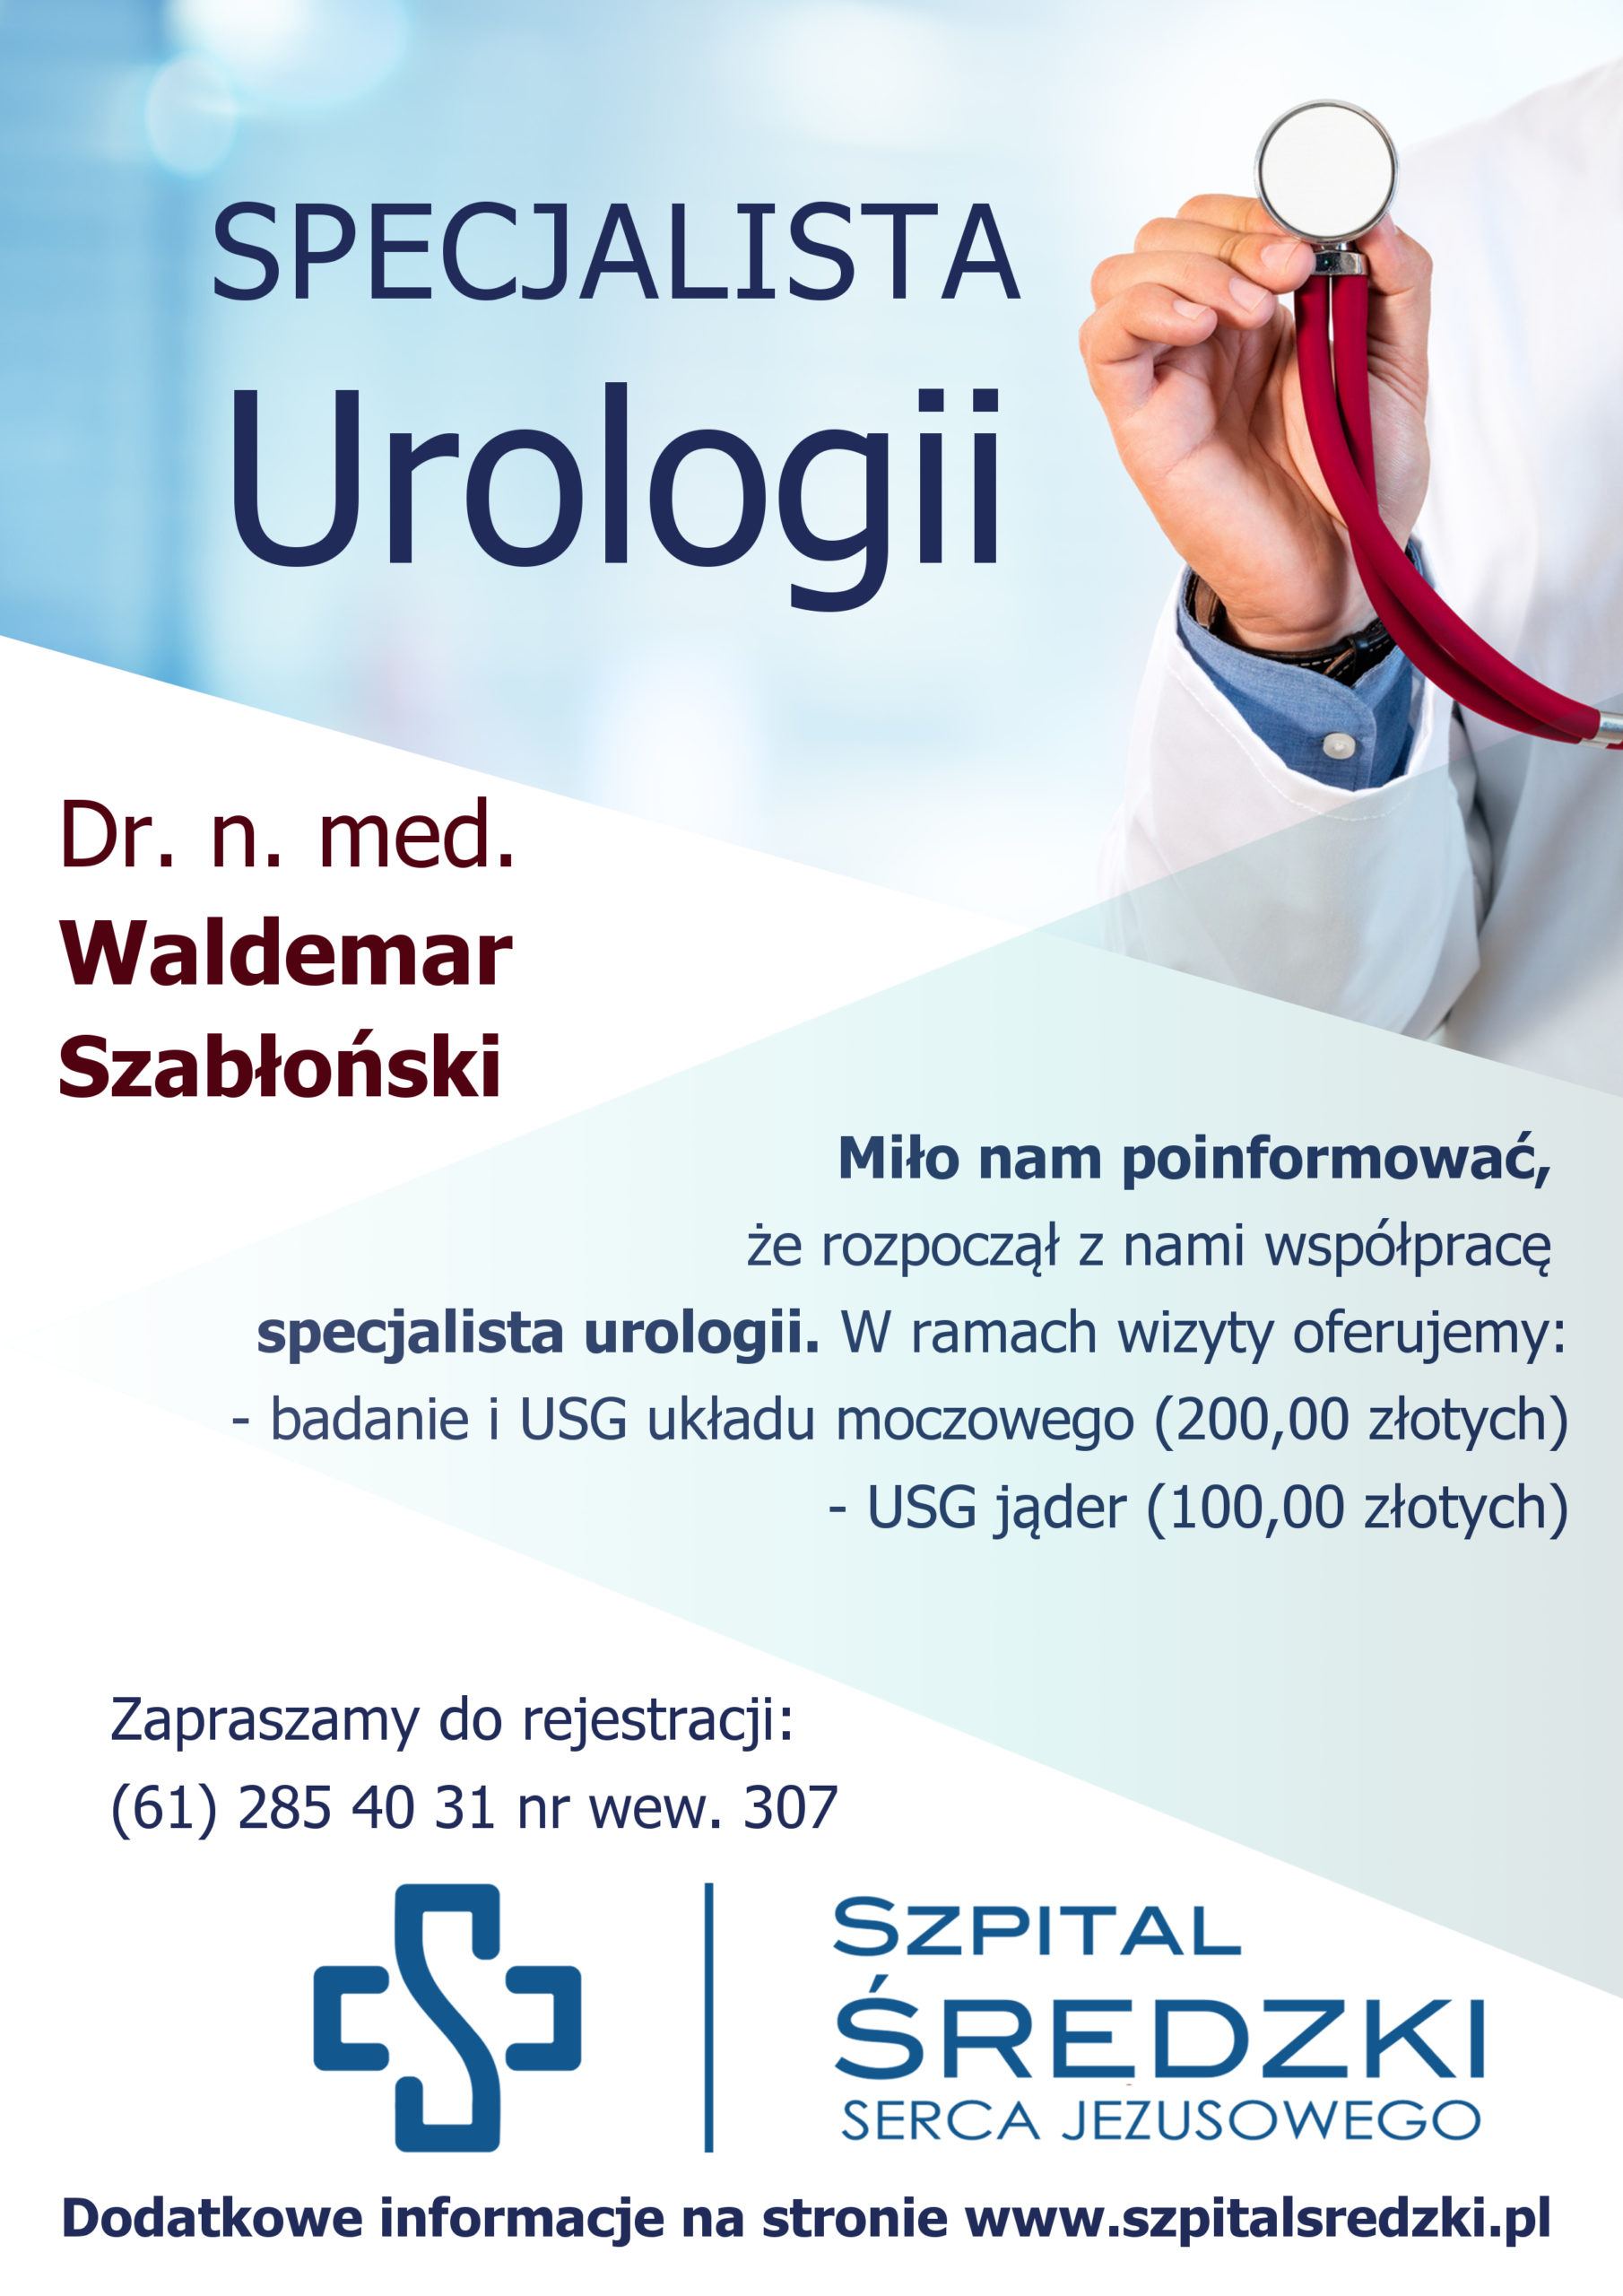 Specjalista urologii